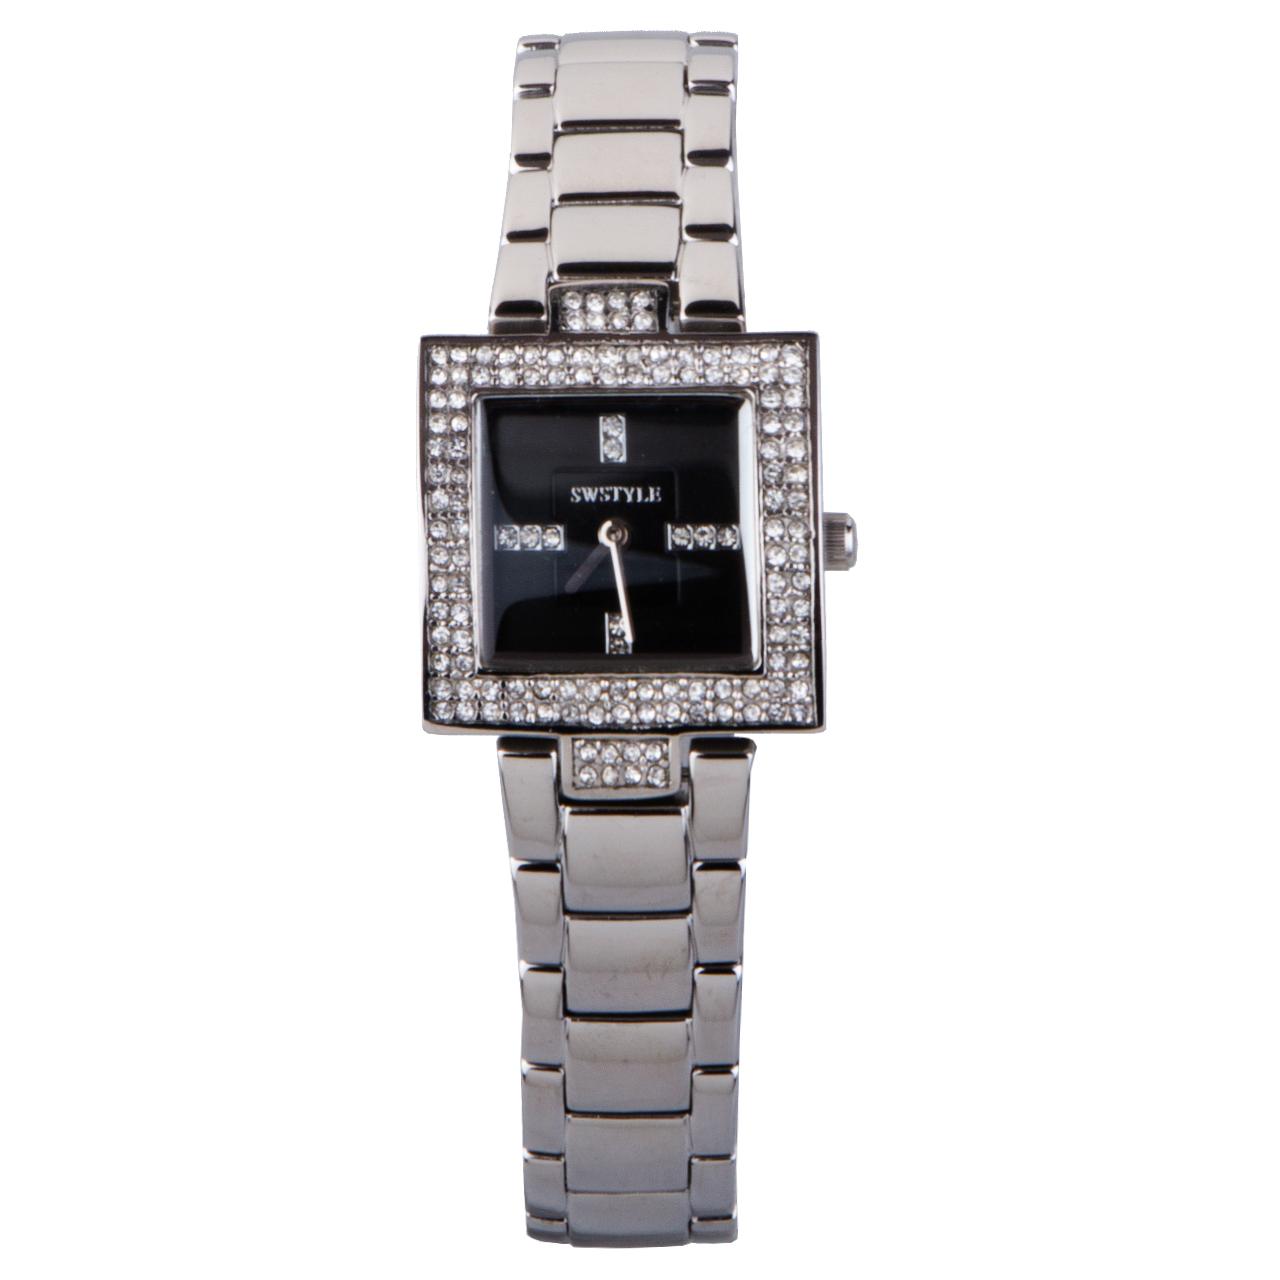 ساعت مچی عقربه ای زنانه سویستایل مدل1201